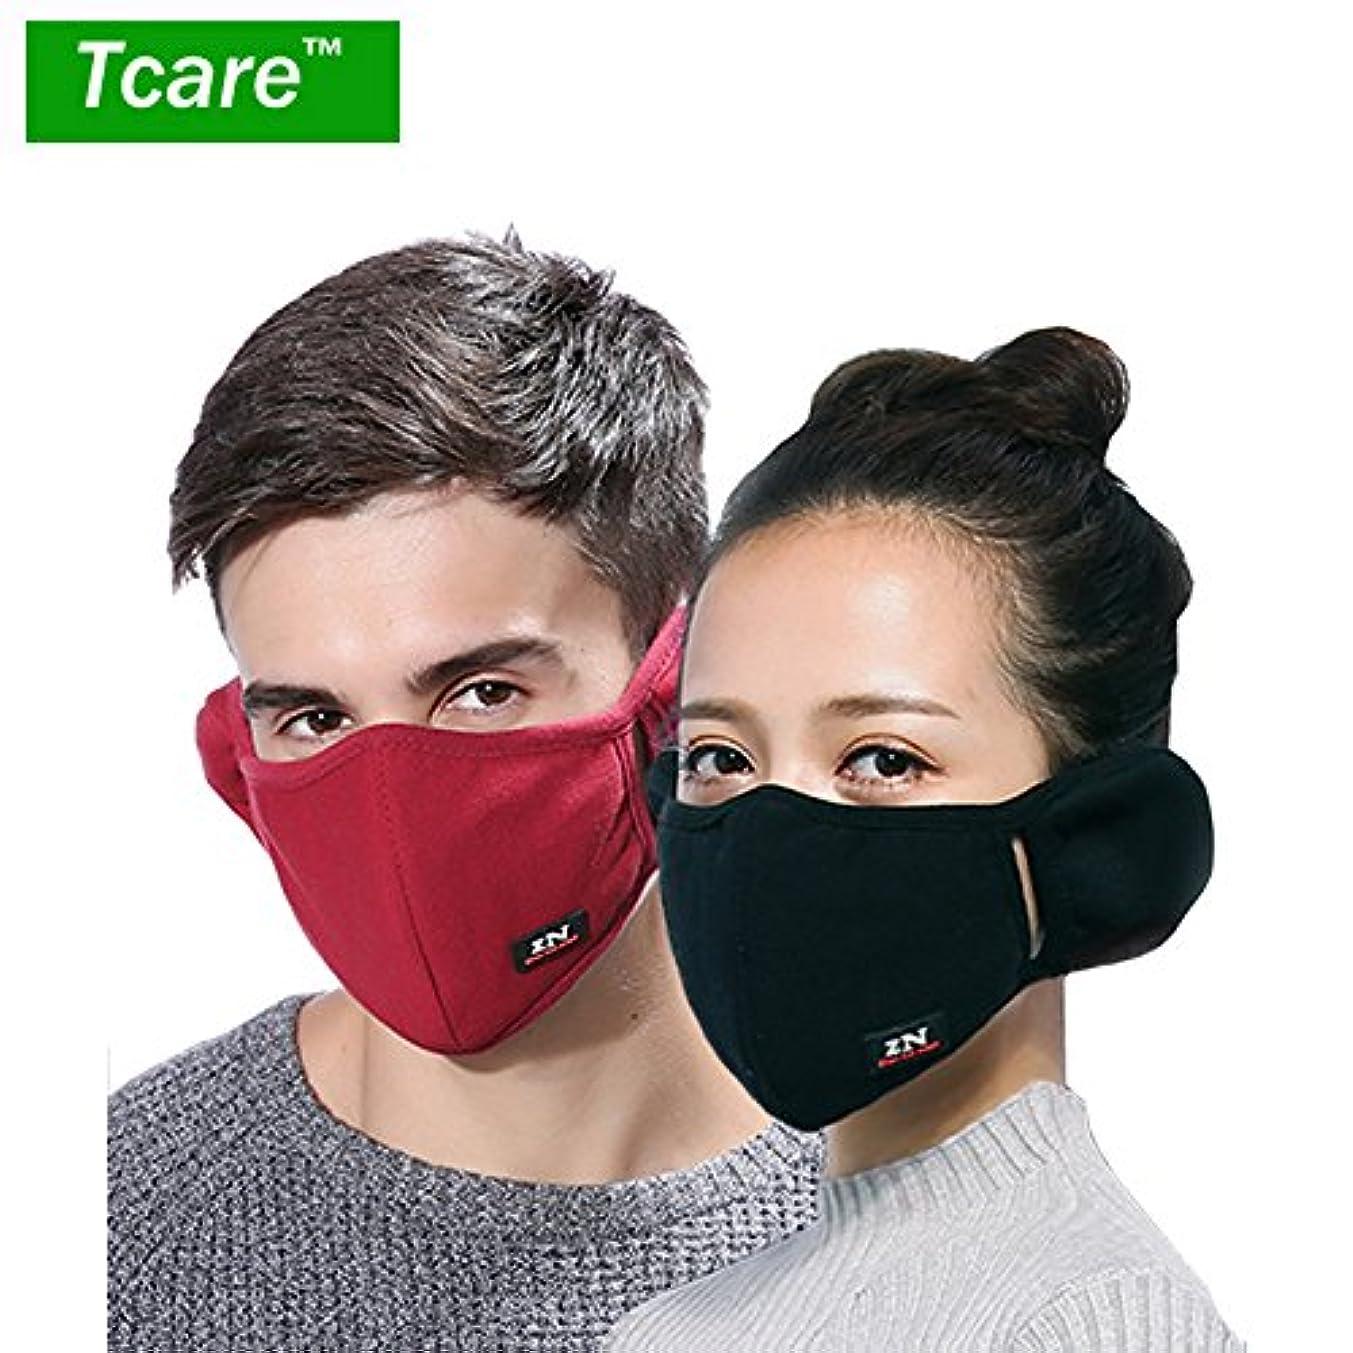 ブラザー保持する爆発男性女性の少年少女のためのTcare呼吸器2レイヤピュアコットン保護フィルター挿入口:2ダークグリーン